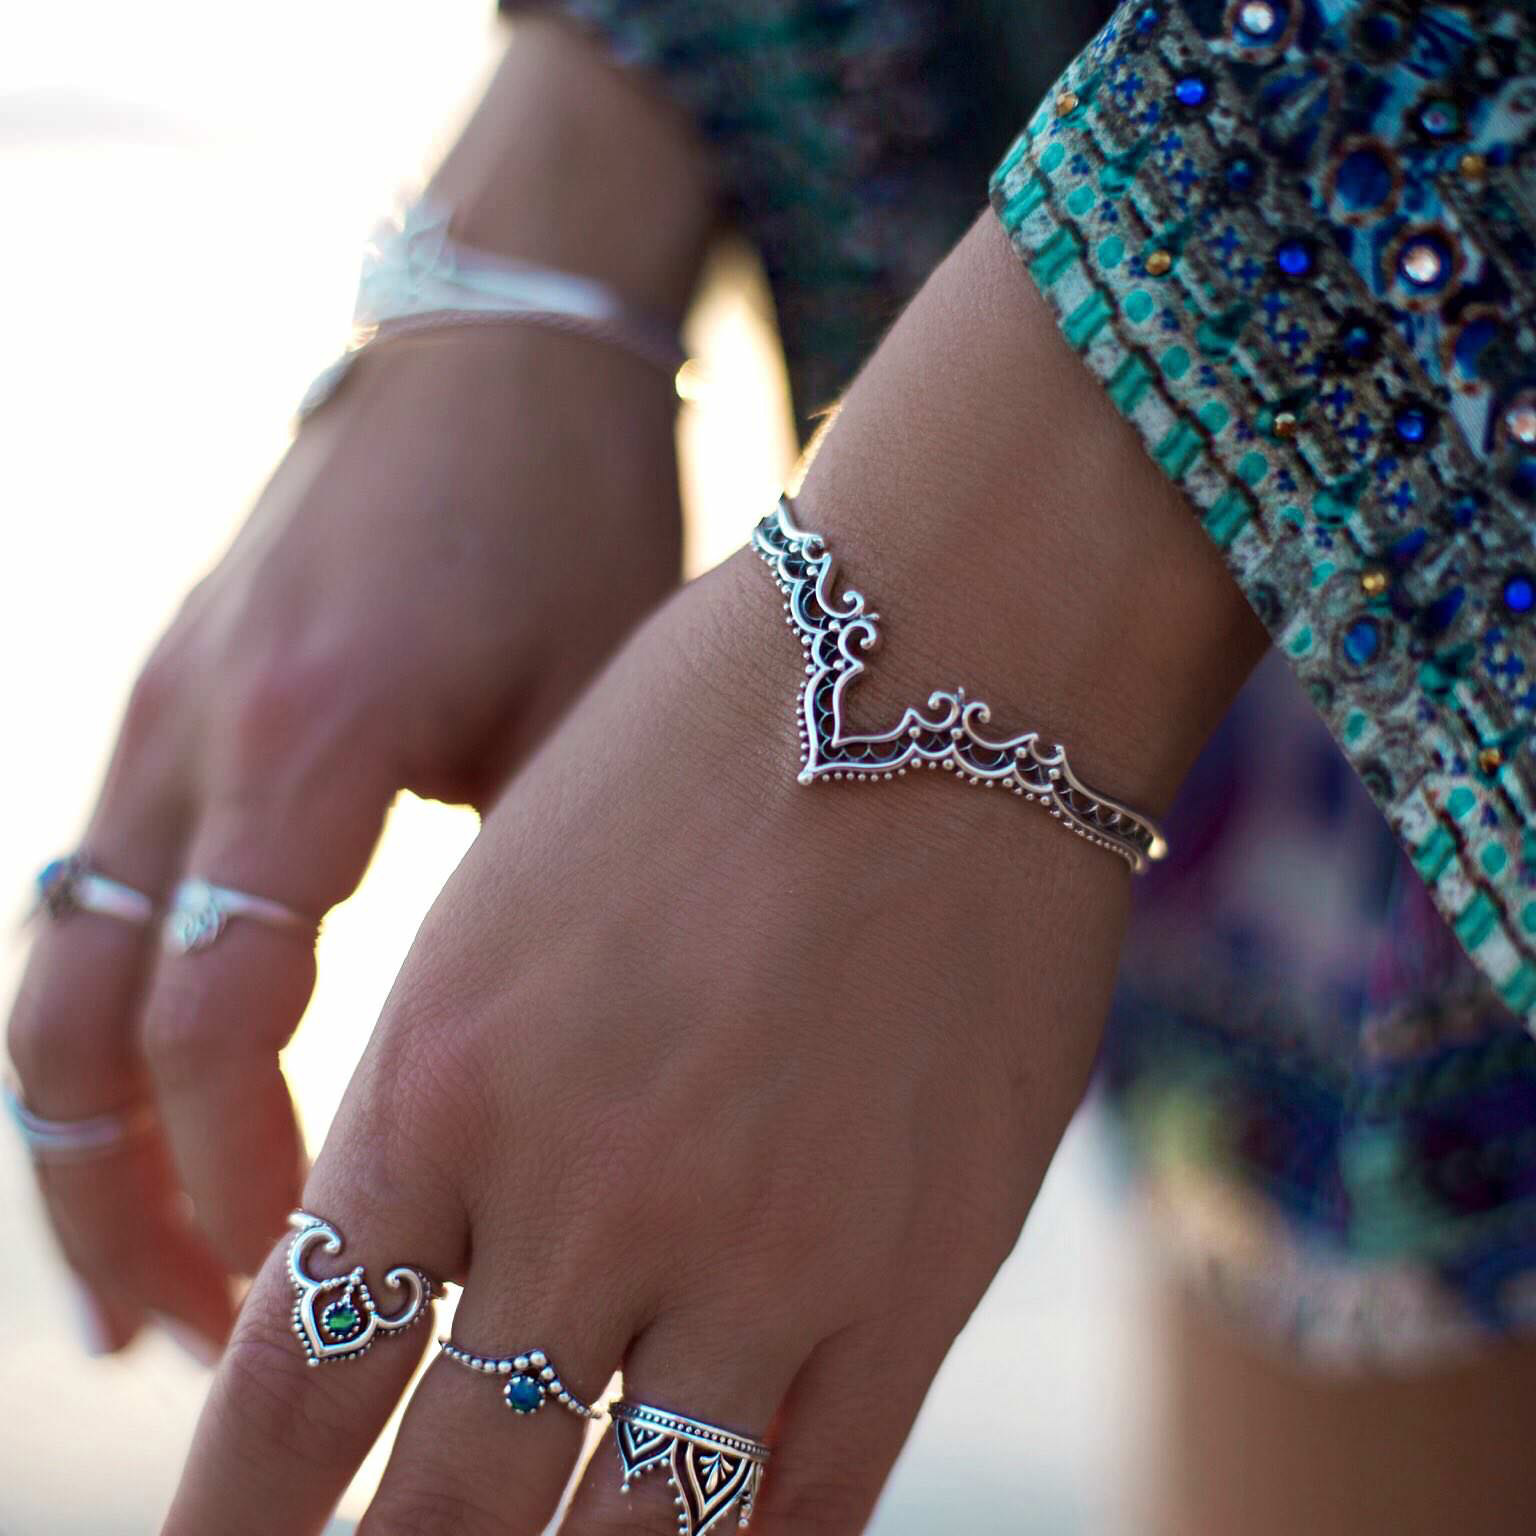 Hot Sale Simple Cuff Bracelet Gold-color Bangle Bracelet For Women Silver Color Metal Bracelet Fashion Jewelry Wholesale